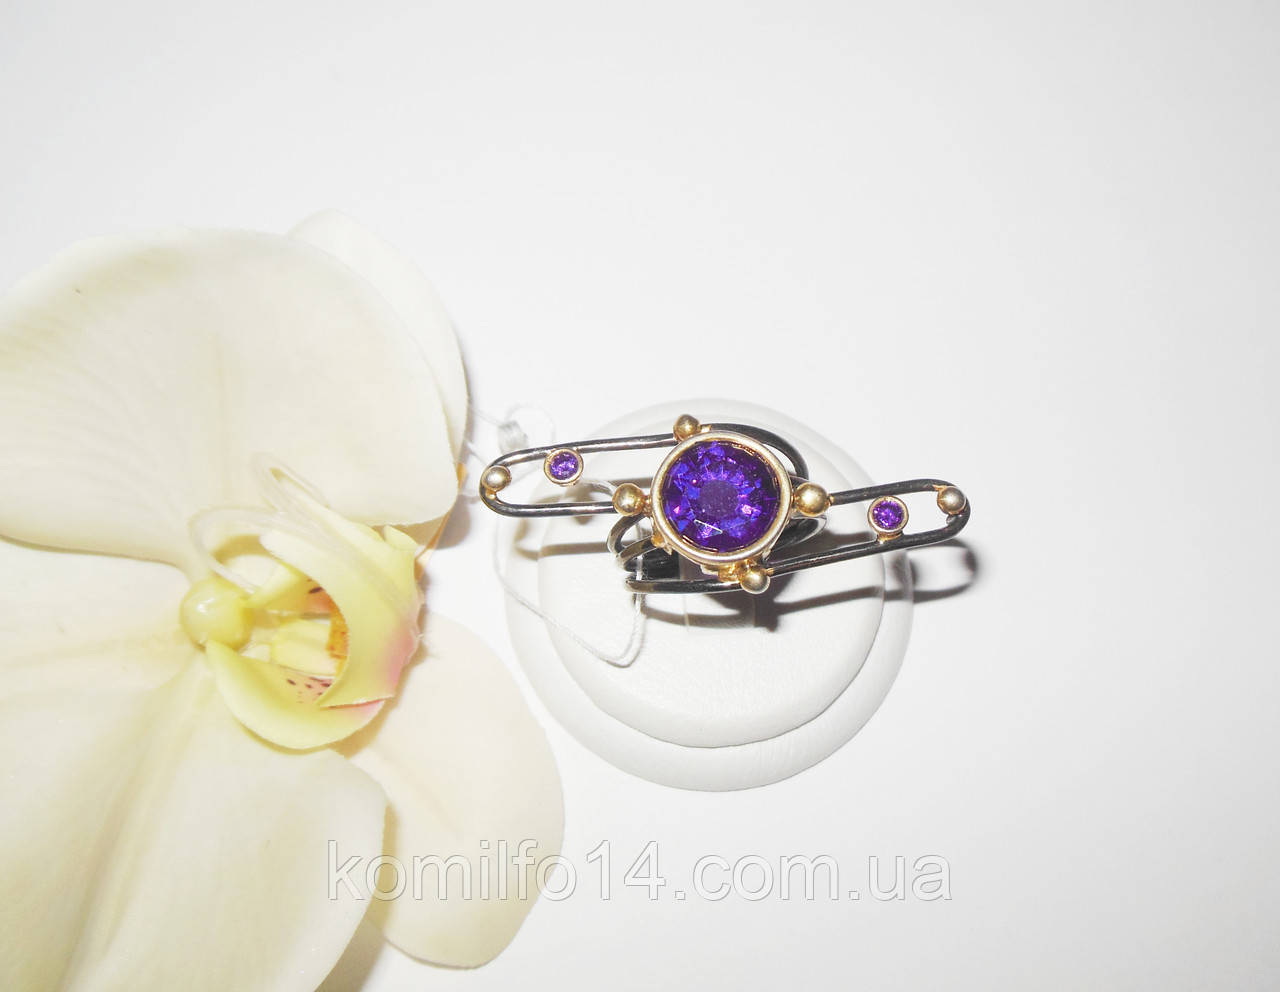 Авторское серебряное кольцо с куб.цирконием